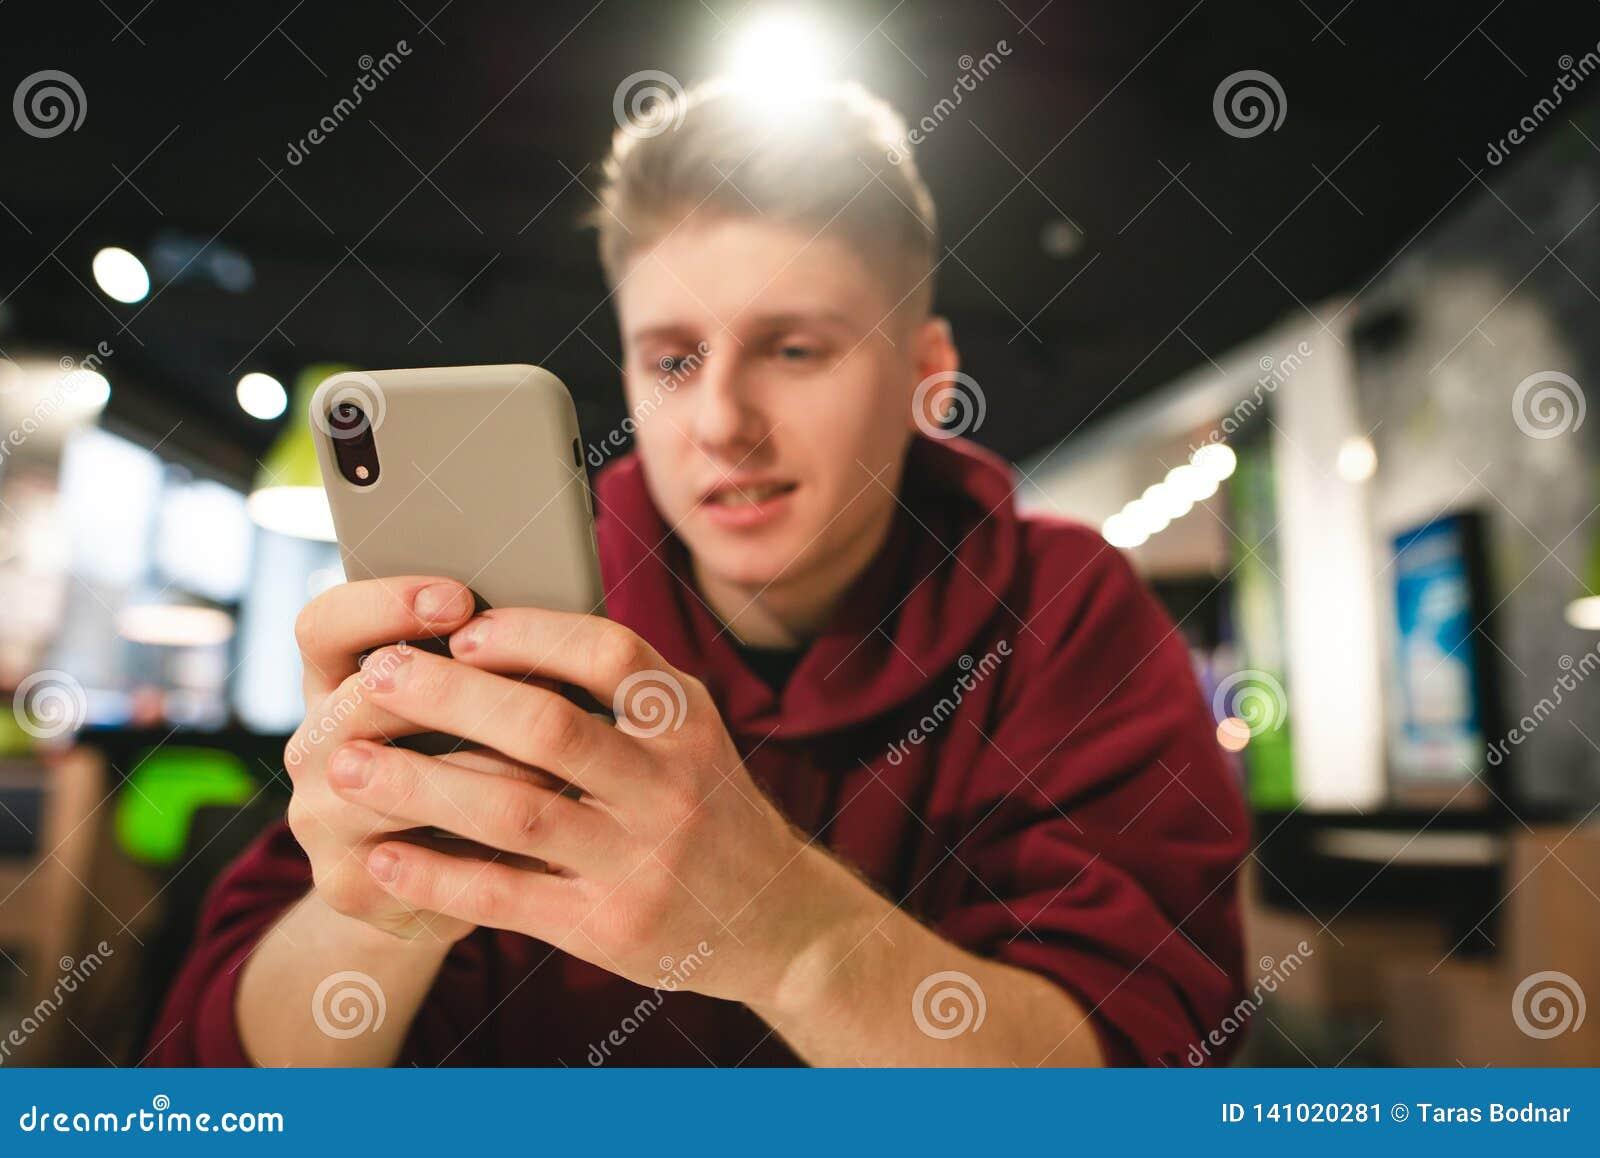 Фокус на смартфоне, положительный парень использует интернет на смартфоне Молодой человек использует смартфон в кафе фаст-фуда